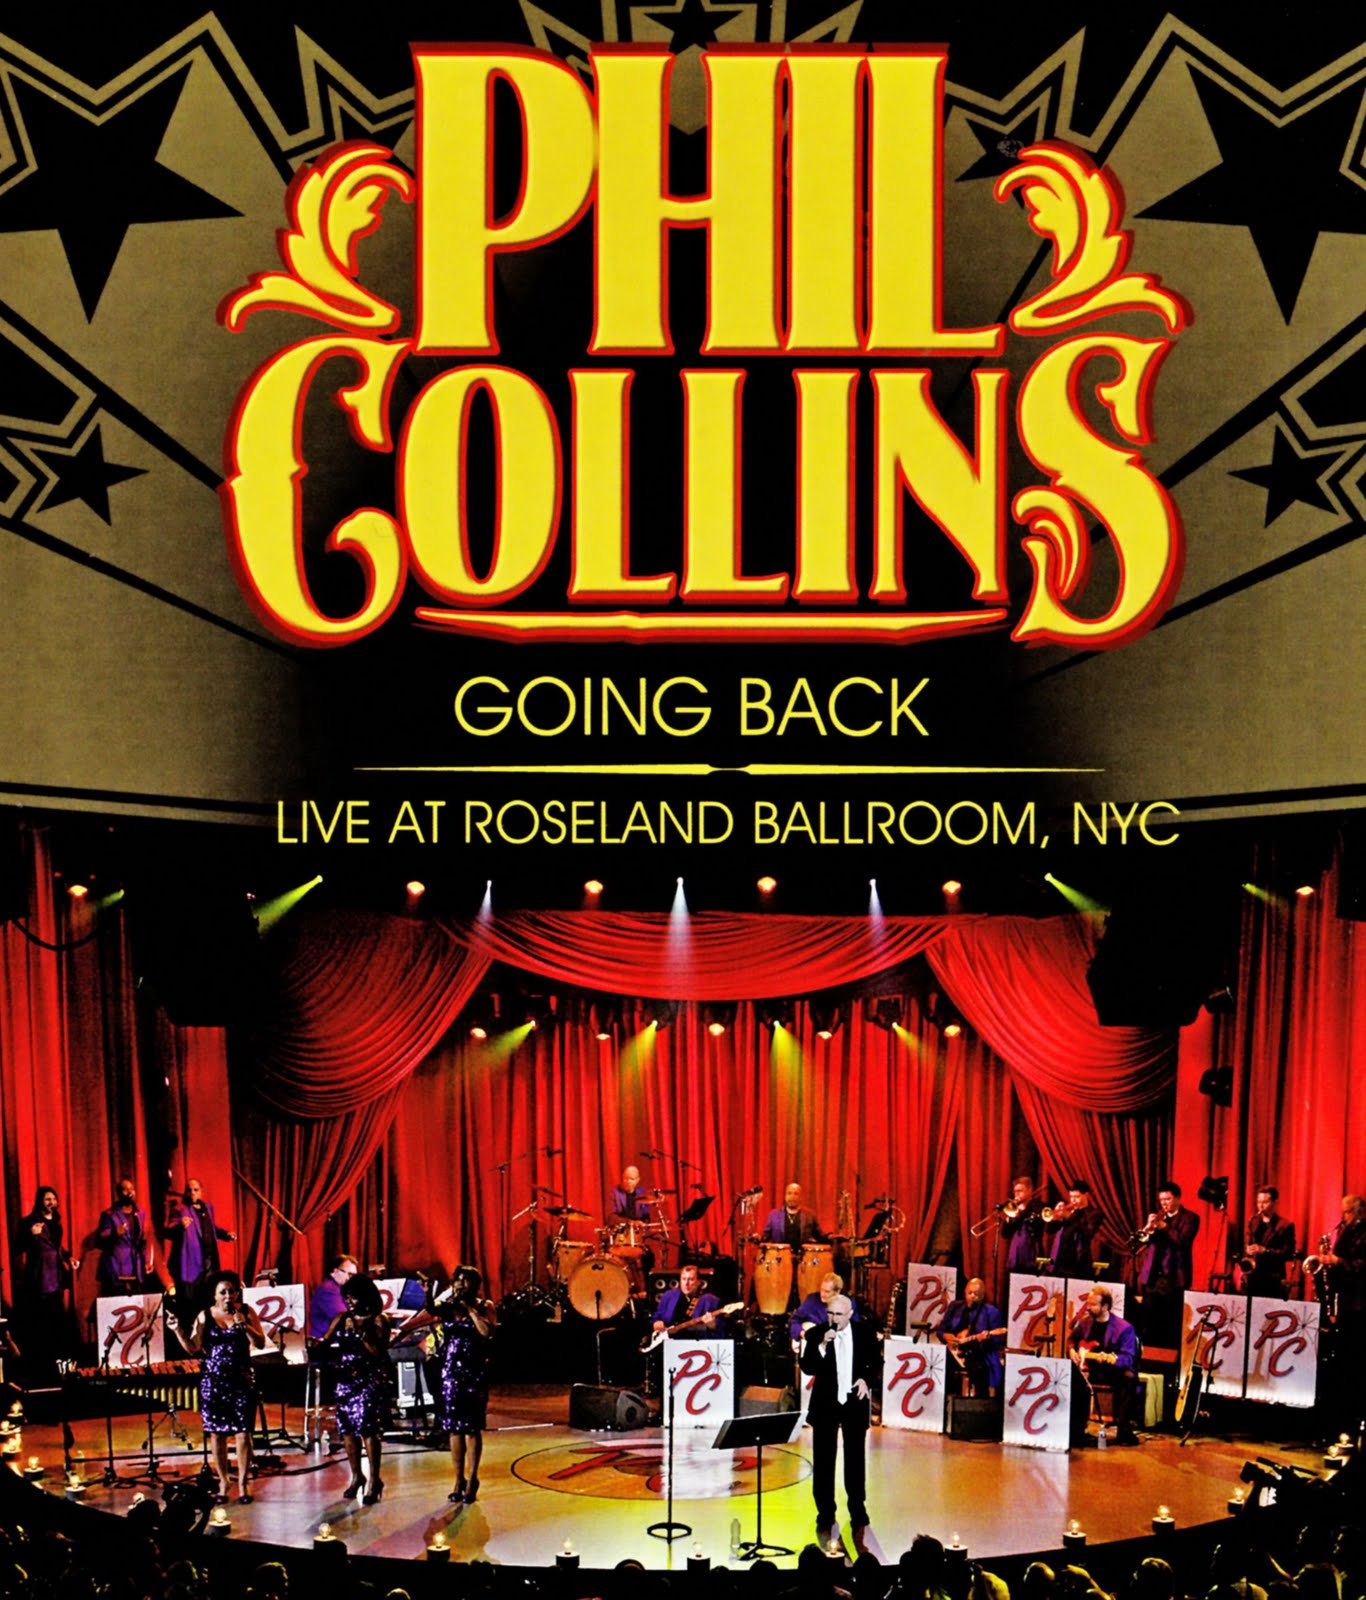 http://4.bp.blogspot.com/-YYyl5ojbveU/Tb3i11-toEI/AAAAAAAAEyk/63Is5DPL-gw/s1600/Phil+Collins+-+Going+back.jpg